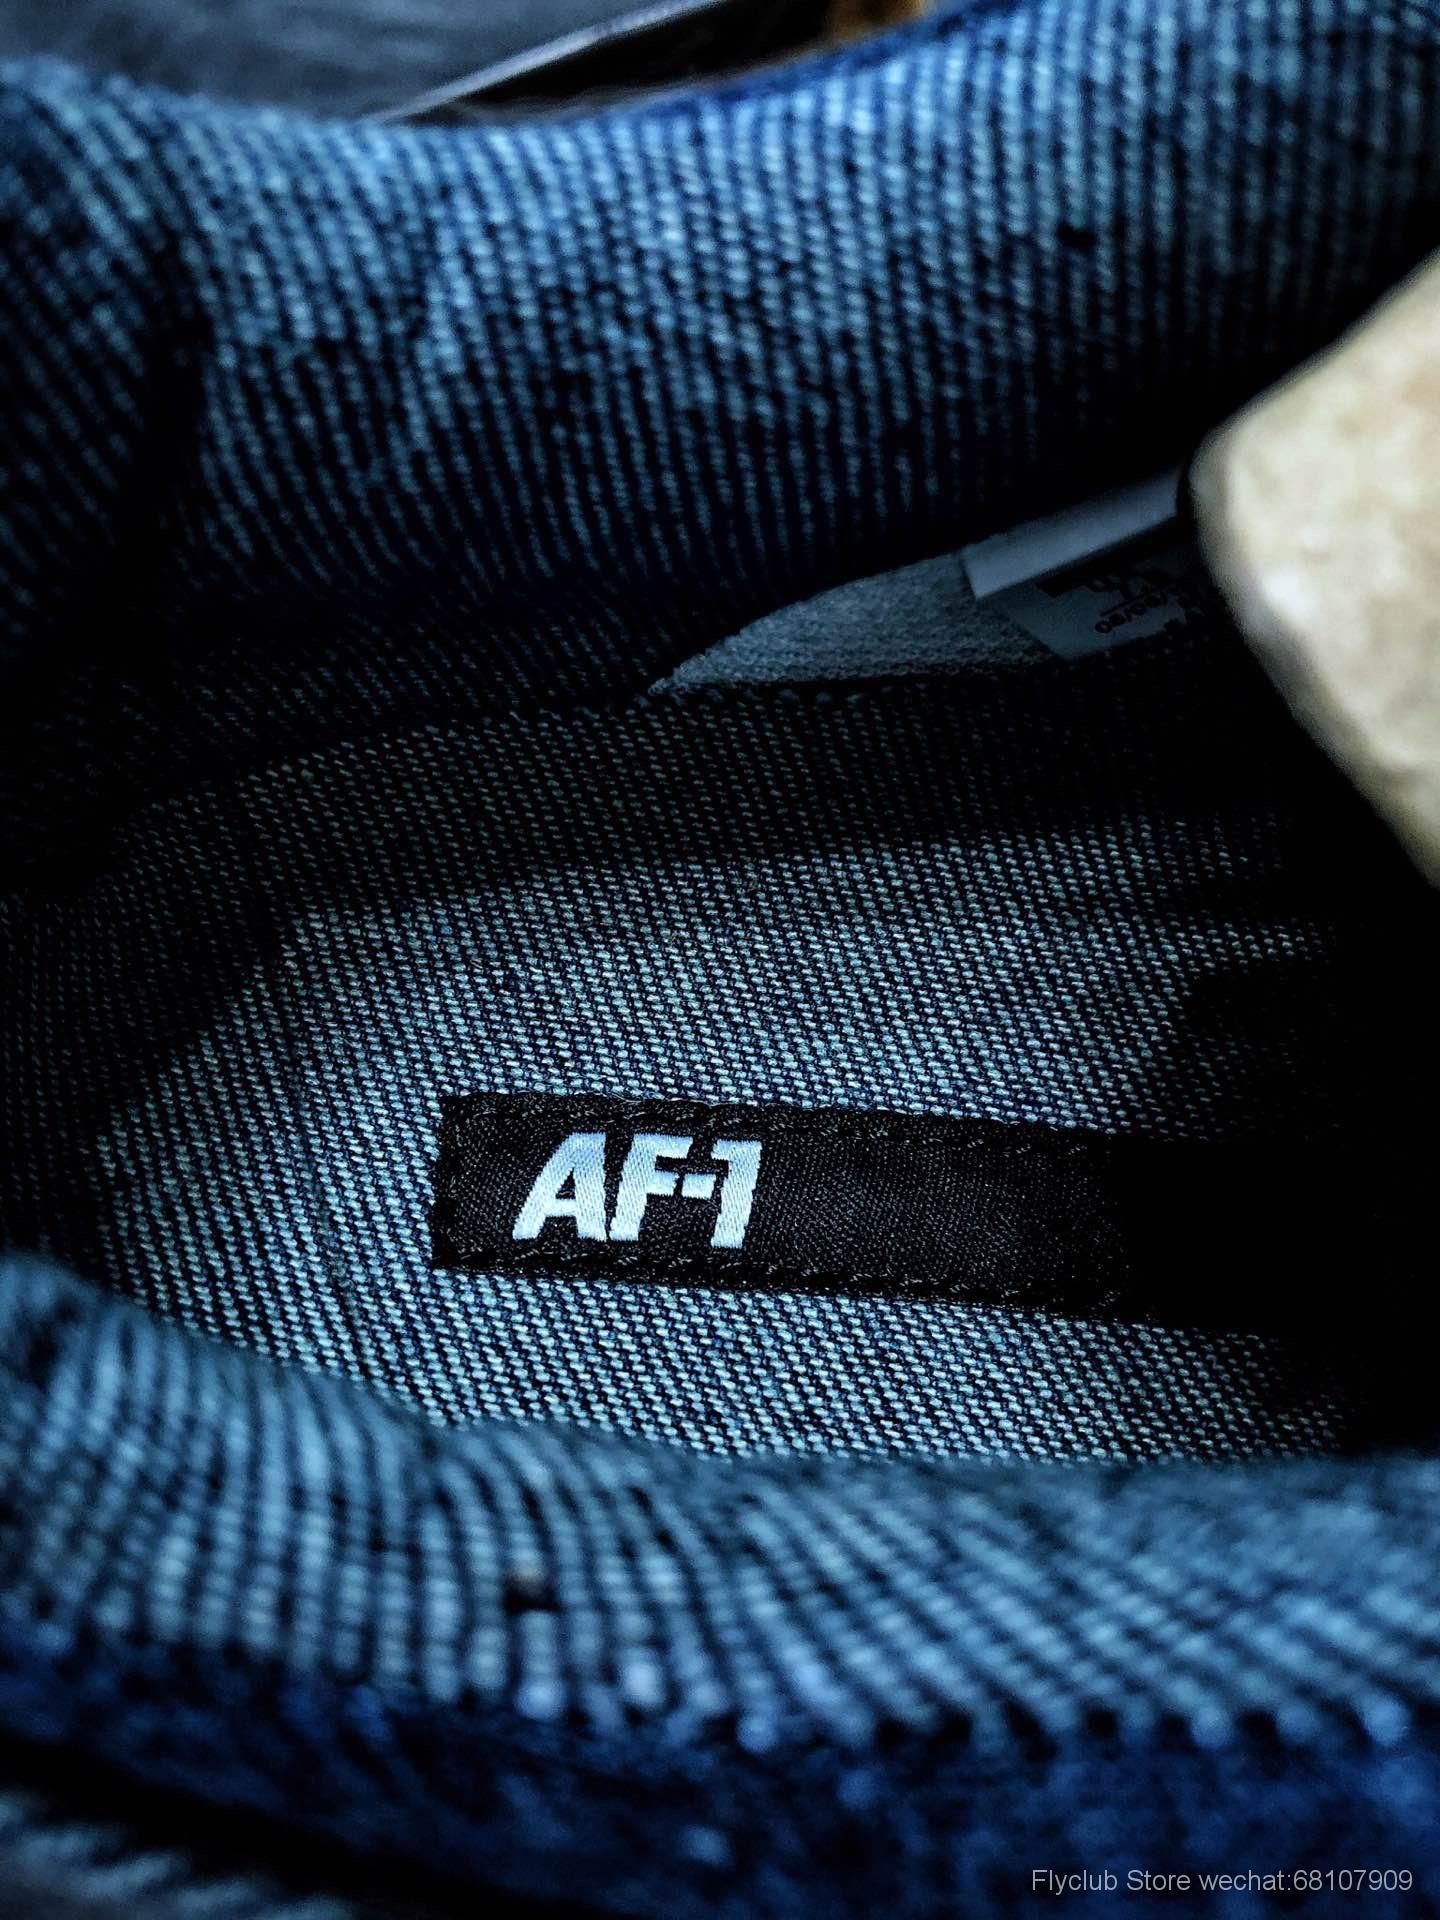 丹宁 Air Force 1 Low 联名新品!空军一号牛仔布板鞋 货号:905345 402